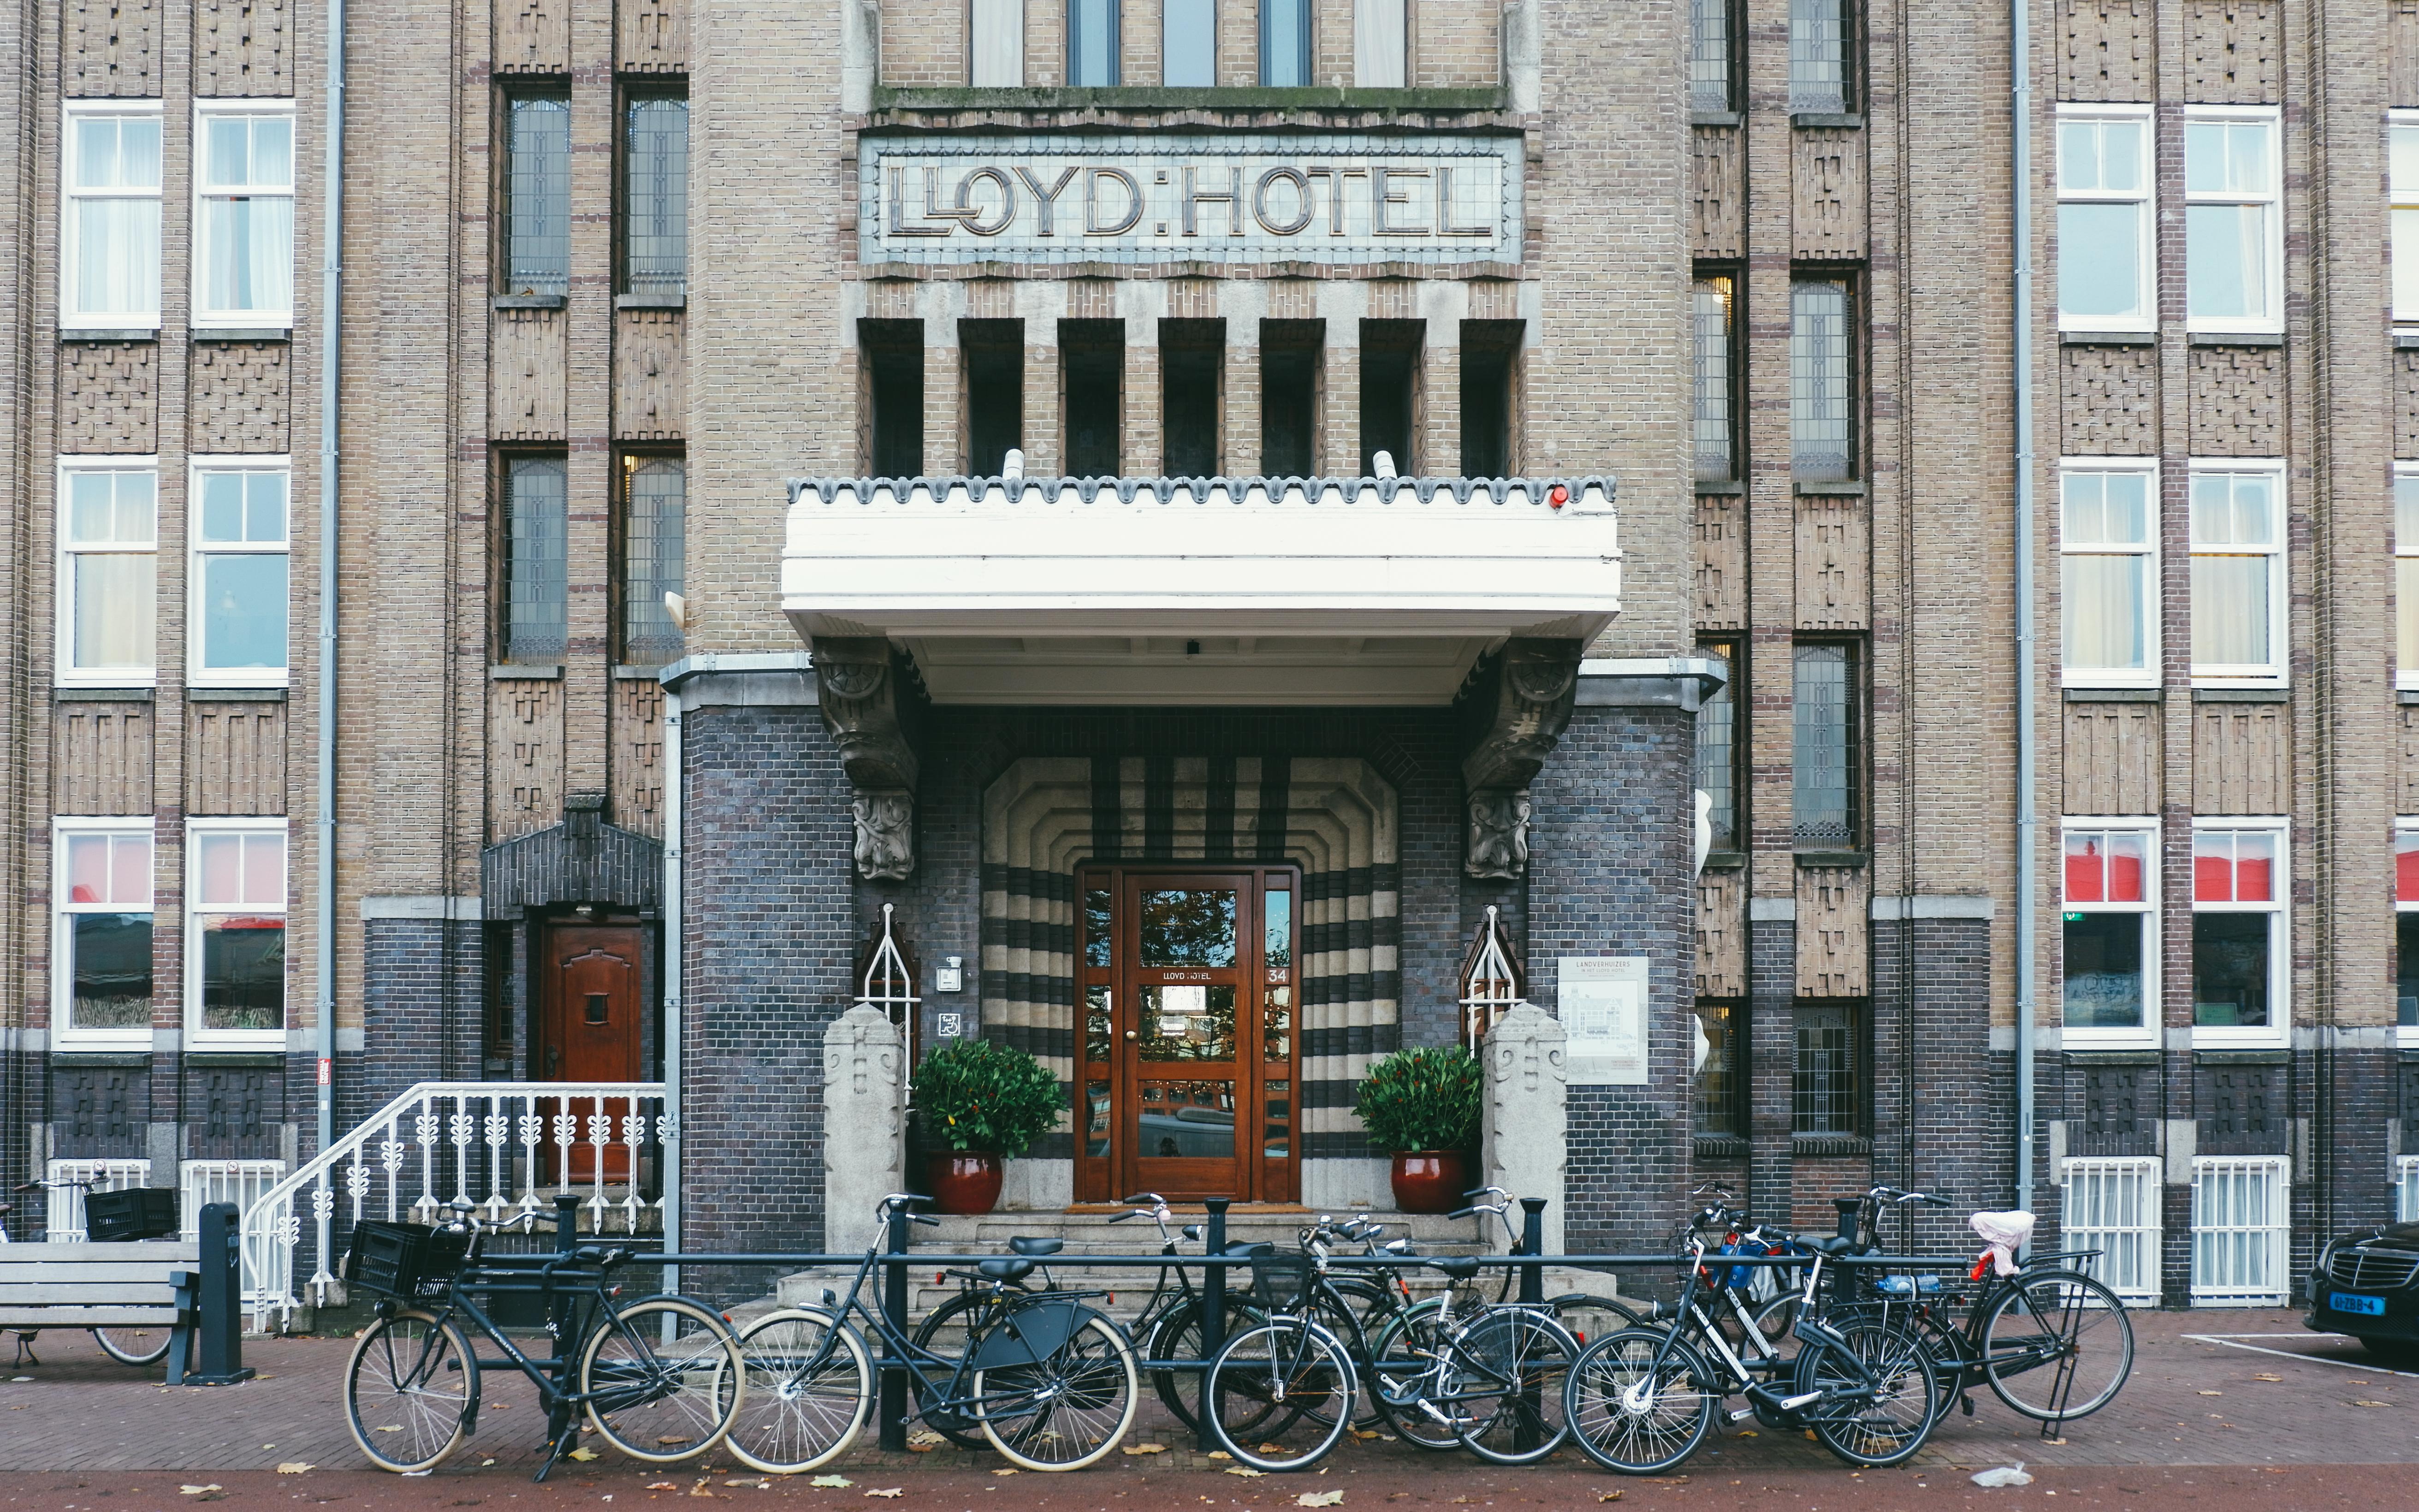 Lloyd Hotel & Cultural Embassy Amsterdam (10 of 10)